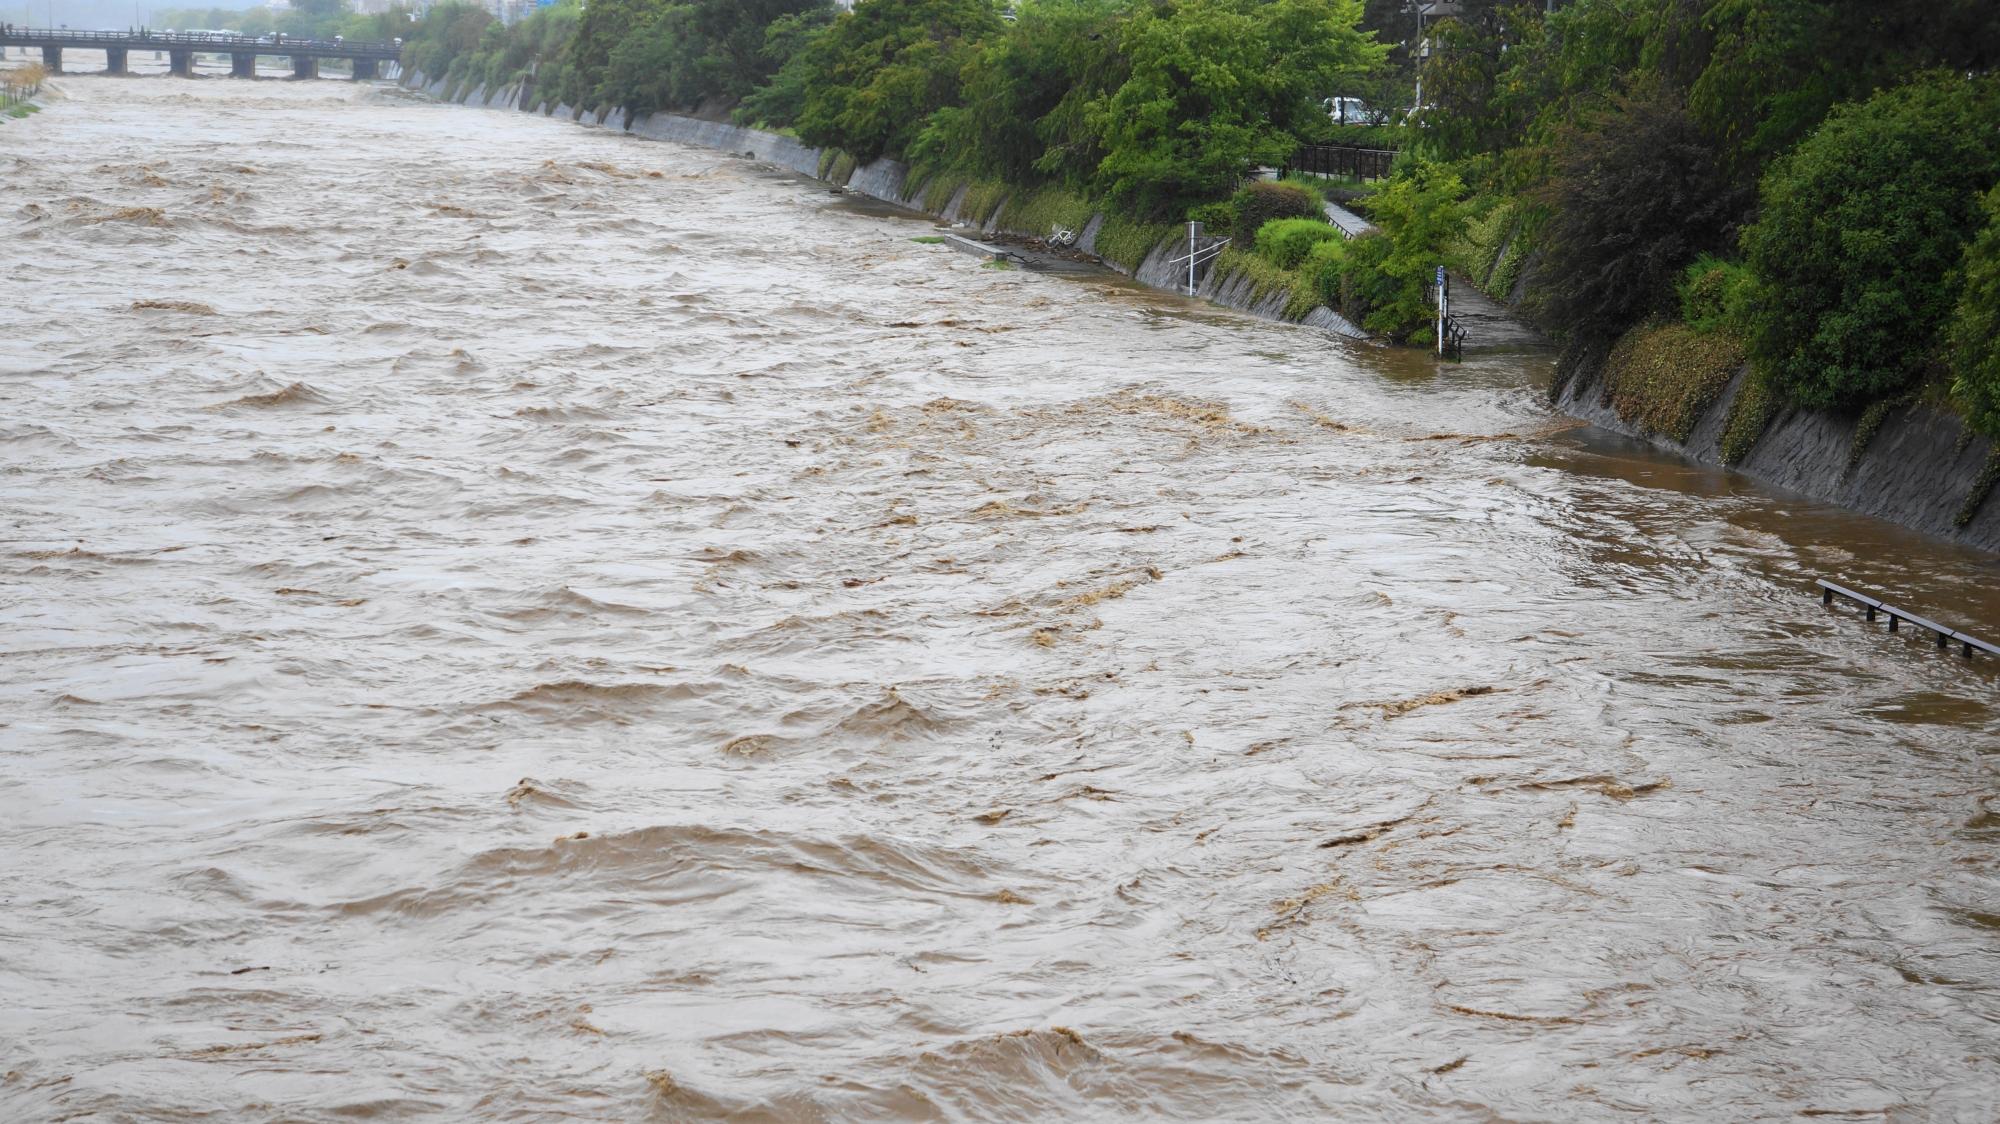 水かさが上がって溢れ出しそうな鴨川の濁流